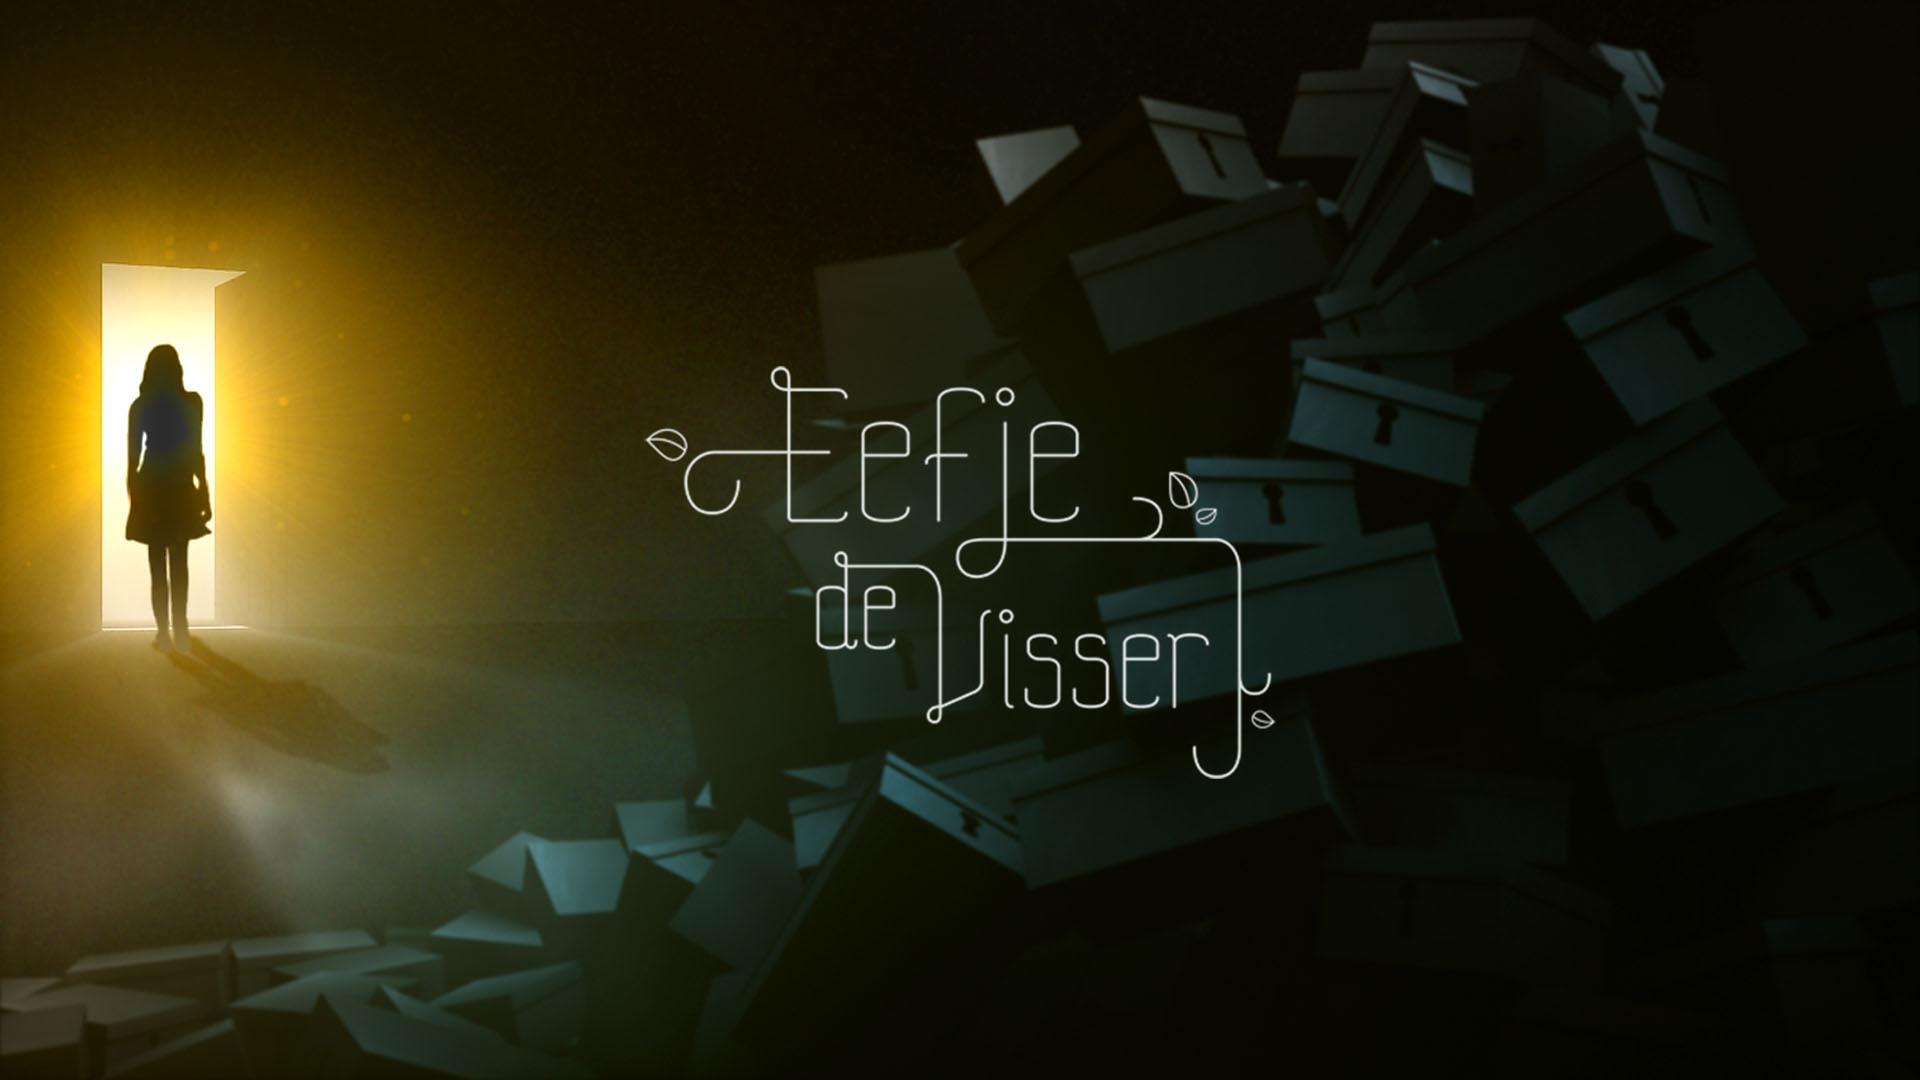 homeSlide - Eefje de Visser, Genoeg